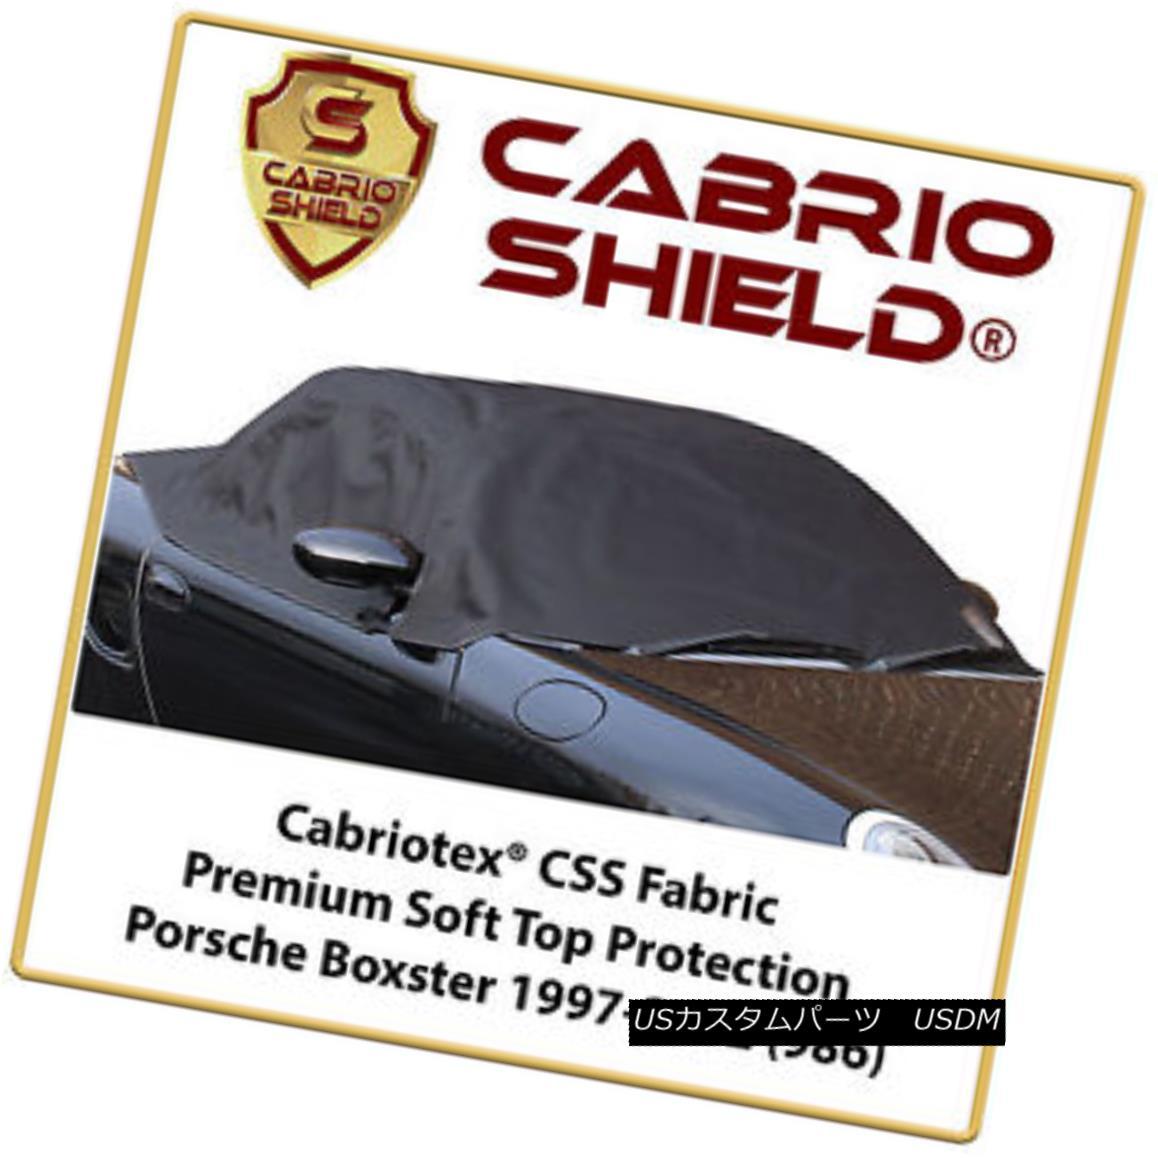 幌・ソフトトップ Porsche Boxster Soft Top Protection Premium Cabrio Shield 1997-2002 (986) ポルシェBoxsterソフトトッププロテクションプレミアムCabrioシールド1997-2002(986)